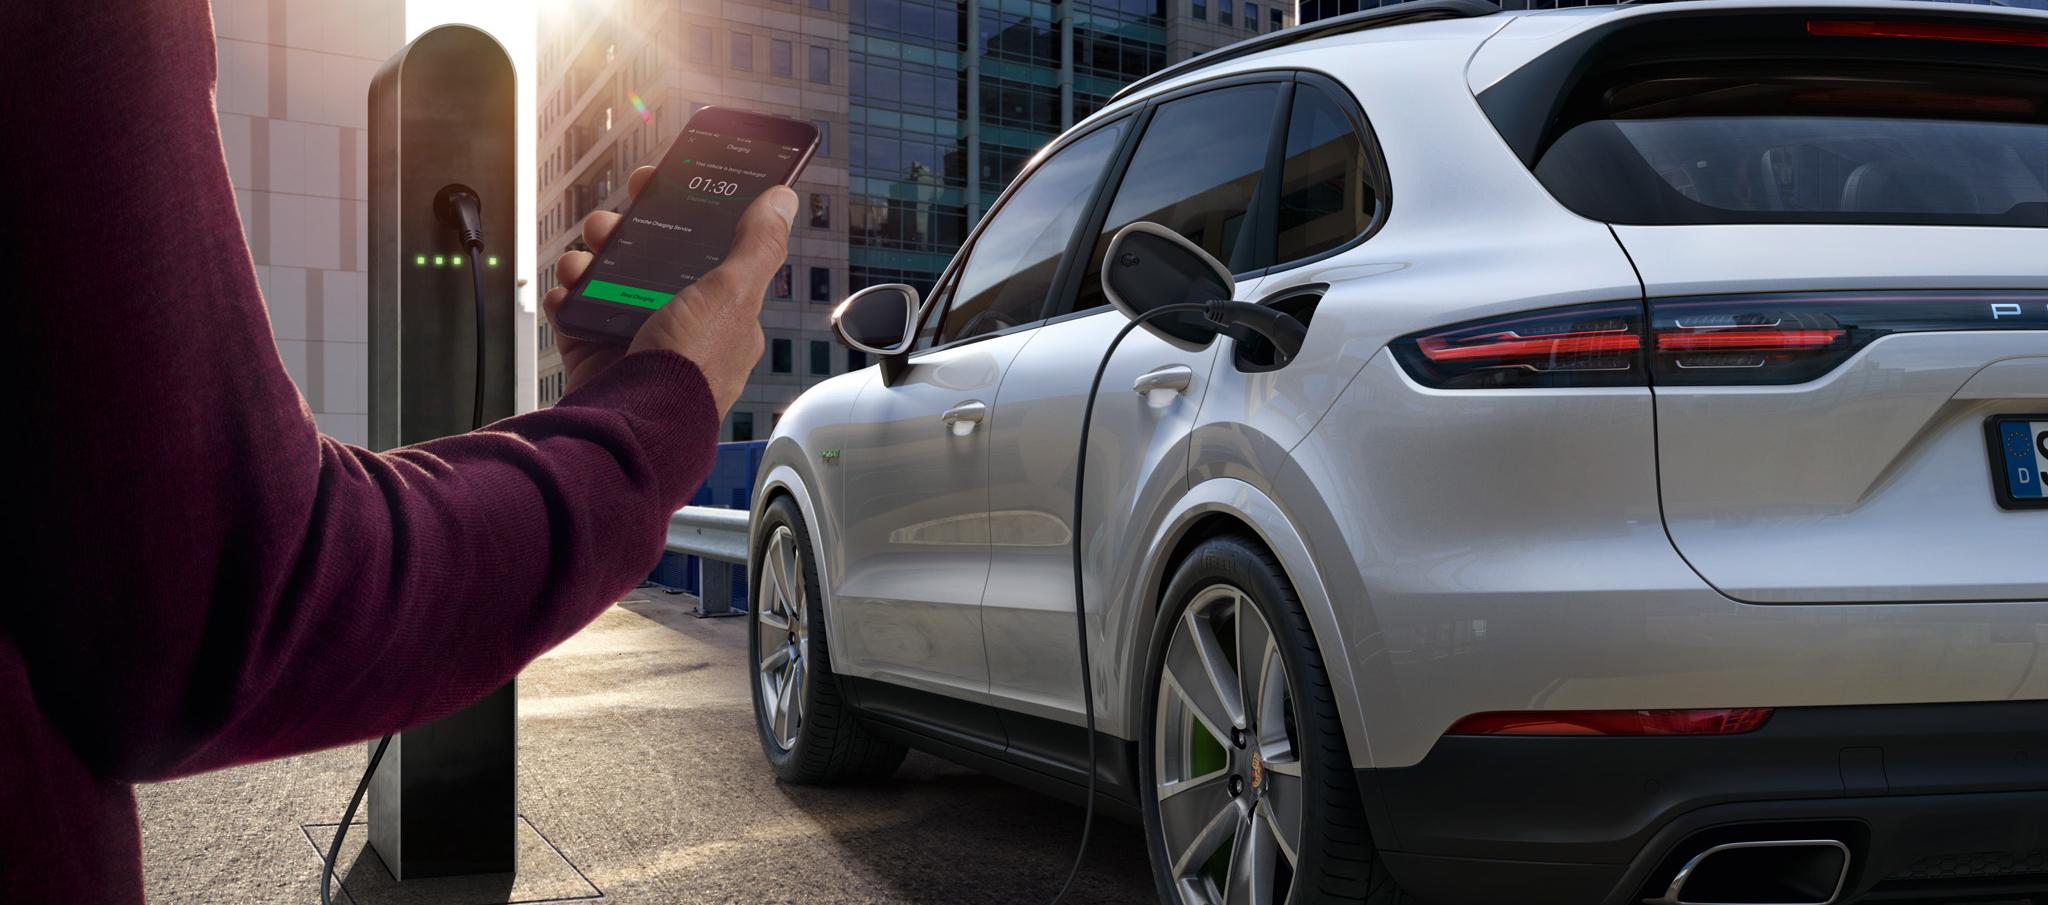 Porsche Charging Service, puntos de recarga para vehículos enchufables